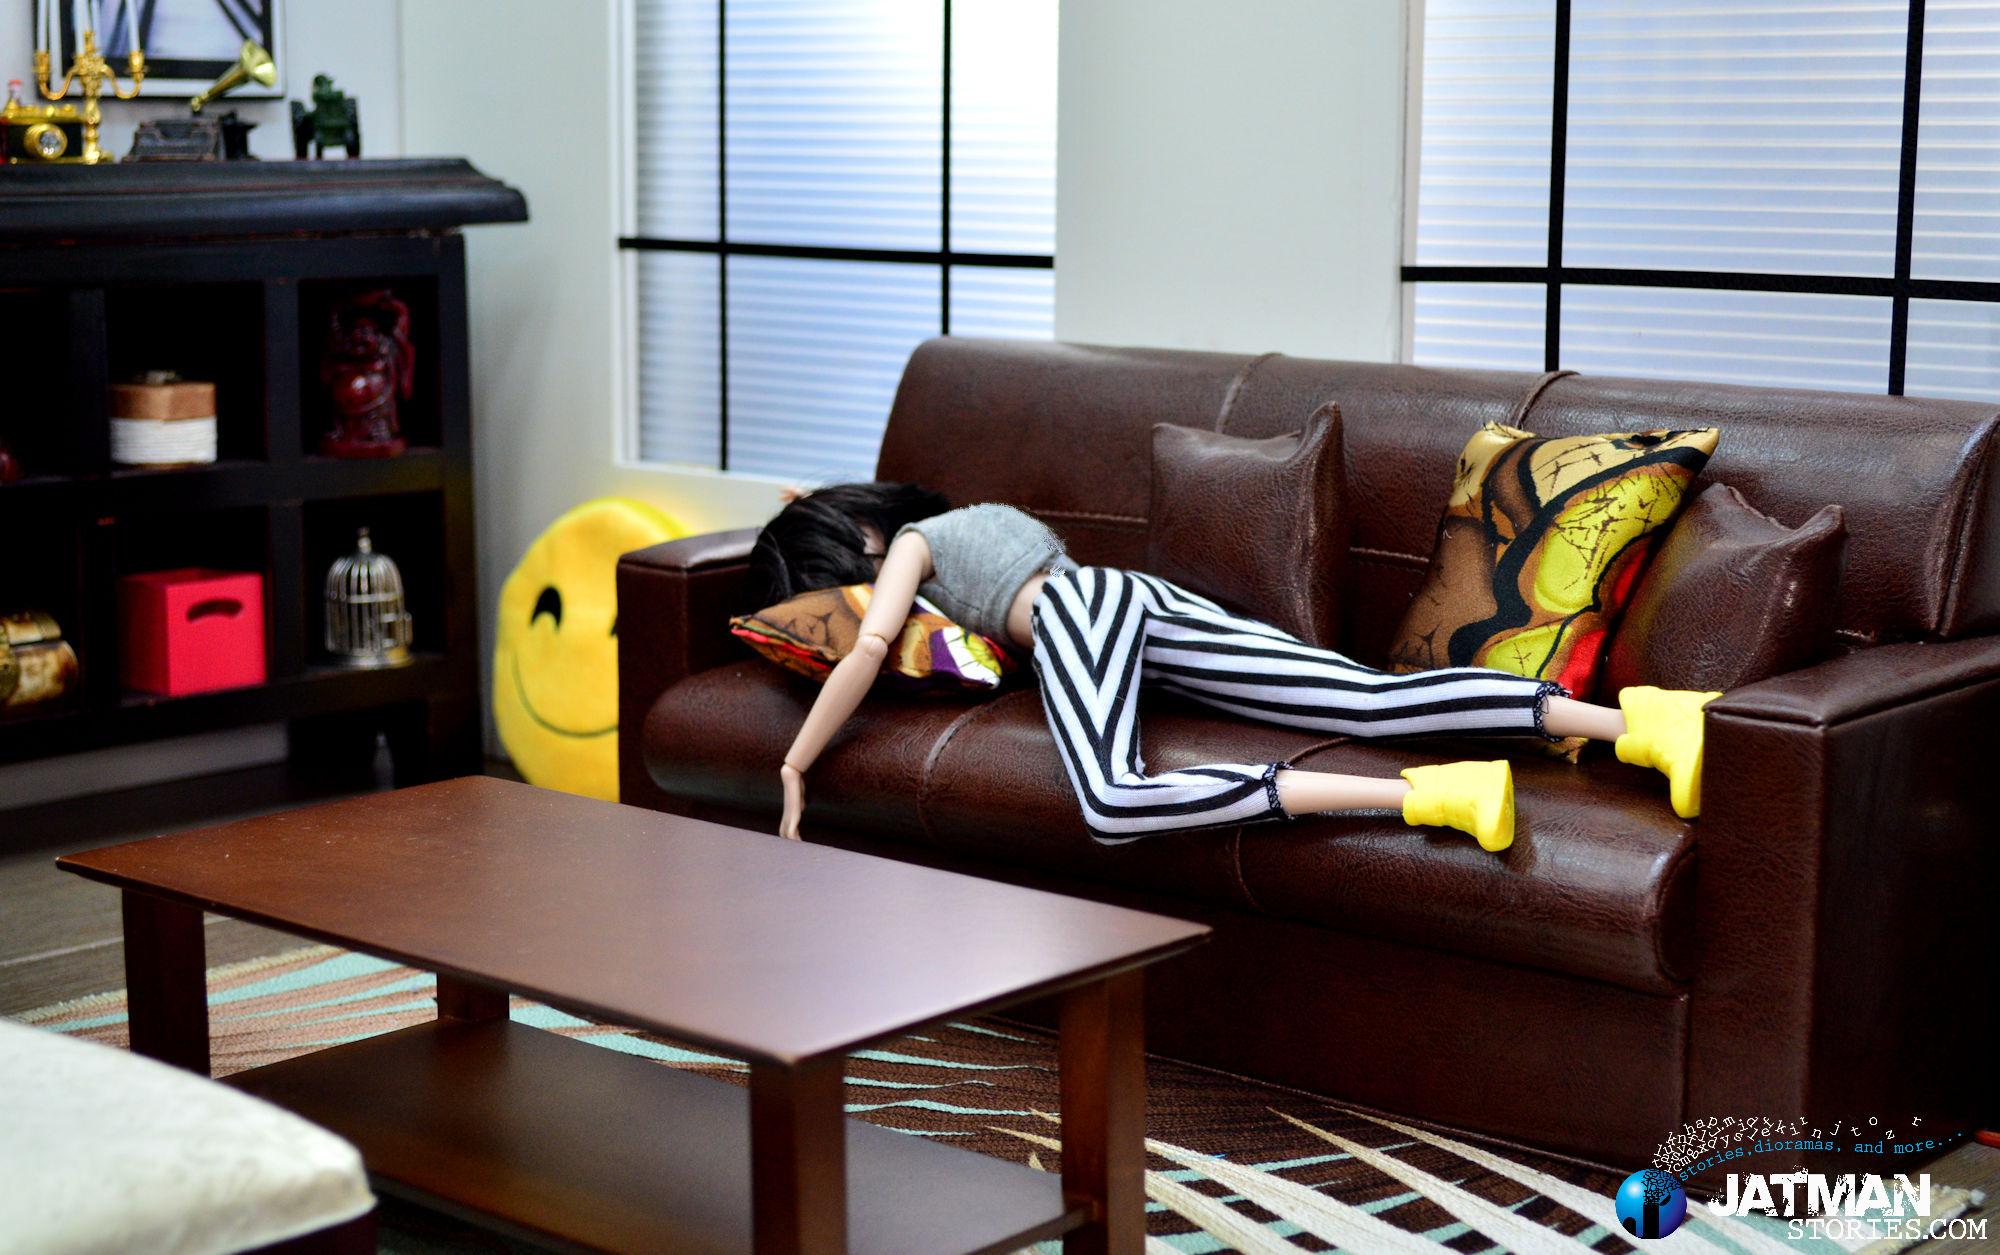 Fondos de pantalla : habitación, mesa, sofá, silla, coreano, diseño ...